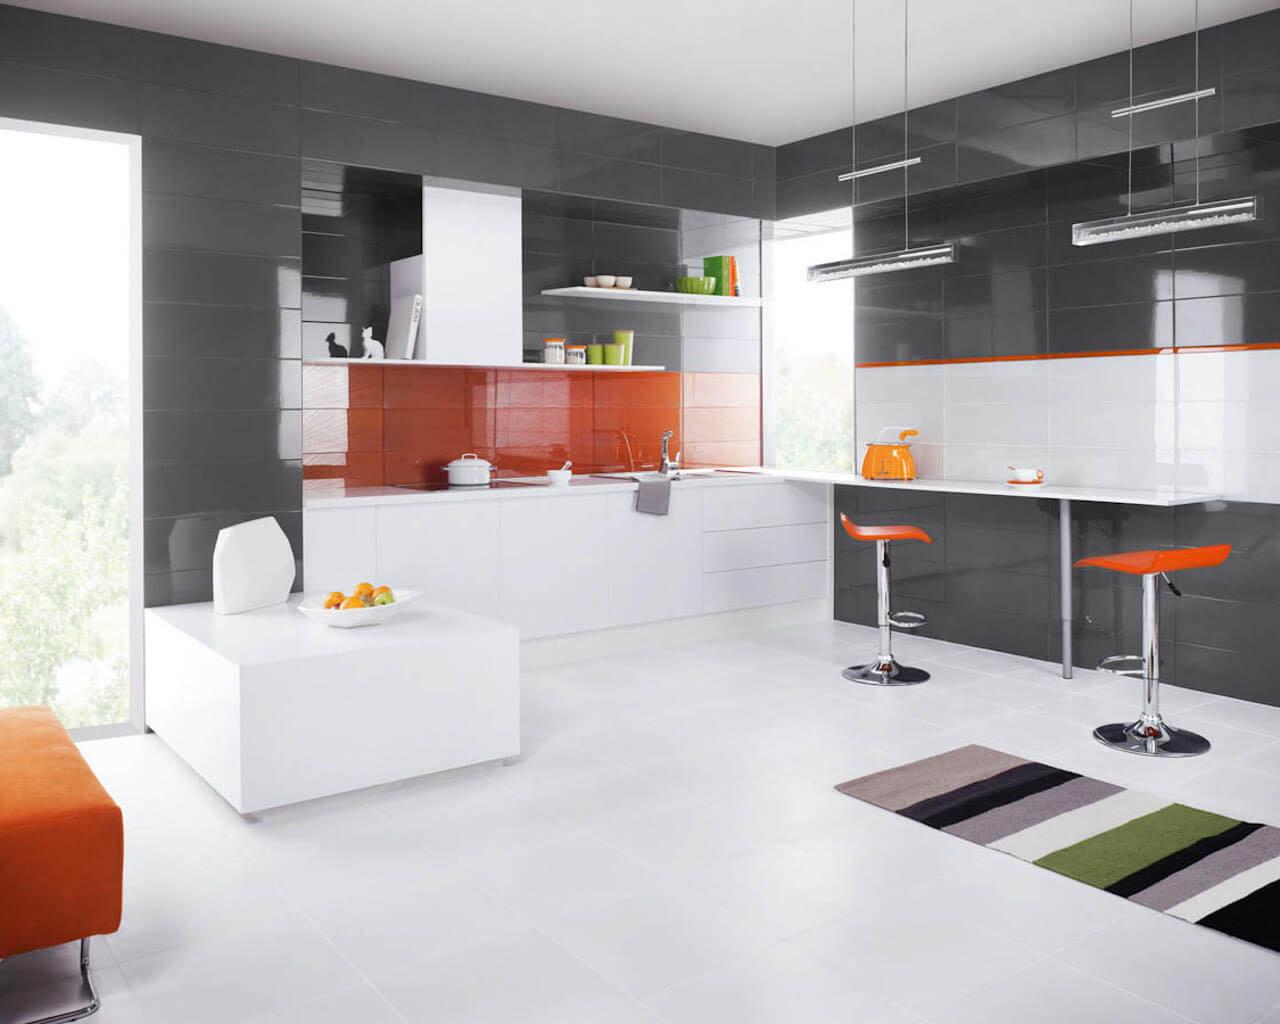 Nowoczesna, przestronna kuchnia z akcentem żywego oranżu